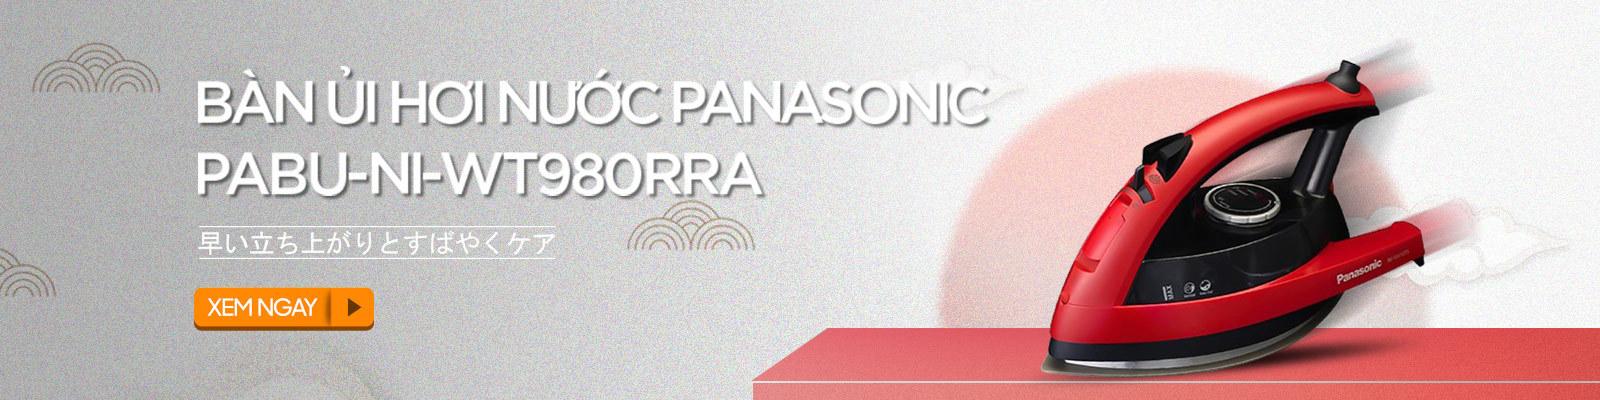 Bàn ủi hơi nước Panasonic PABU-NI-WT980RRA 2800W